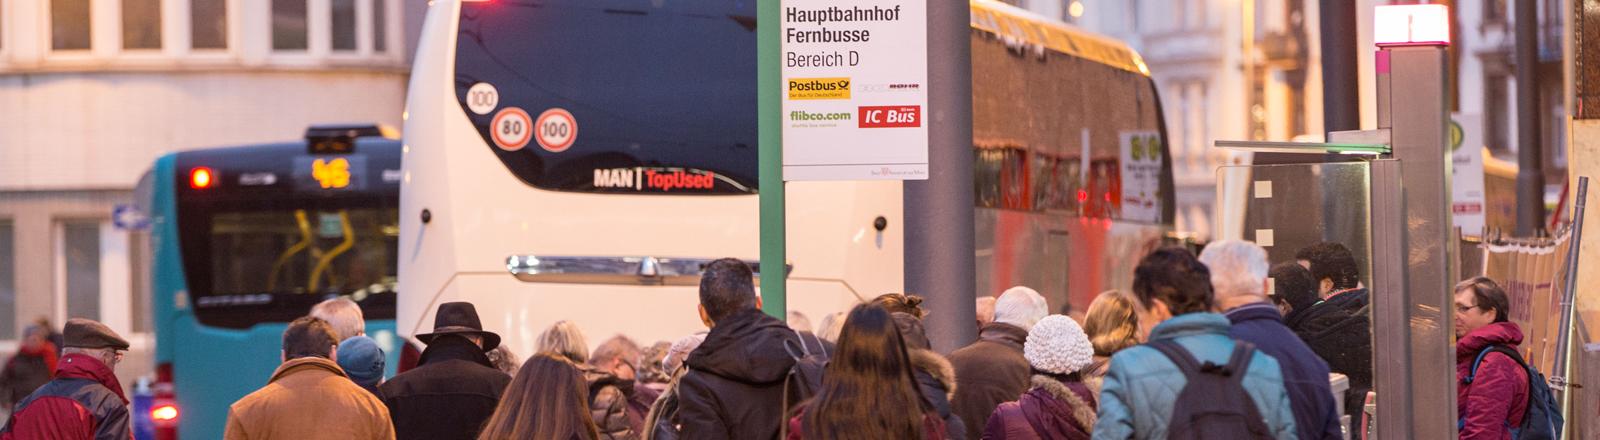 Reisende steigen am 30.12.2015 in Frankfurt am Main (Hessen) in unmittelbarer Nähe des Hauptbahnhofs in einen Fernbus.